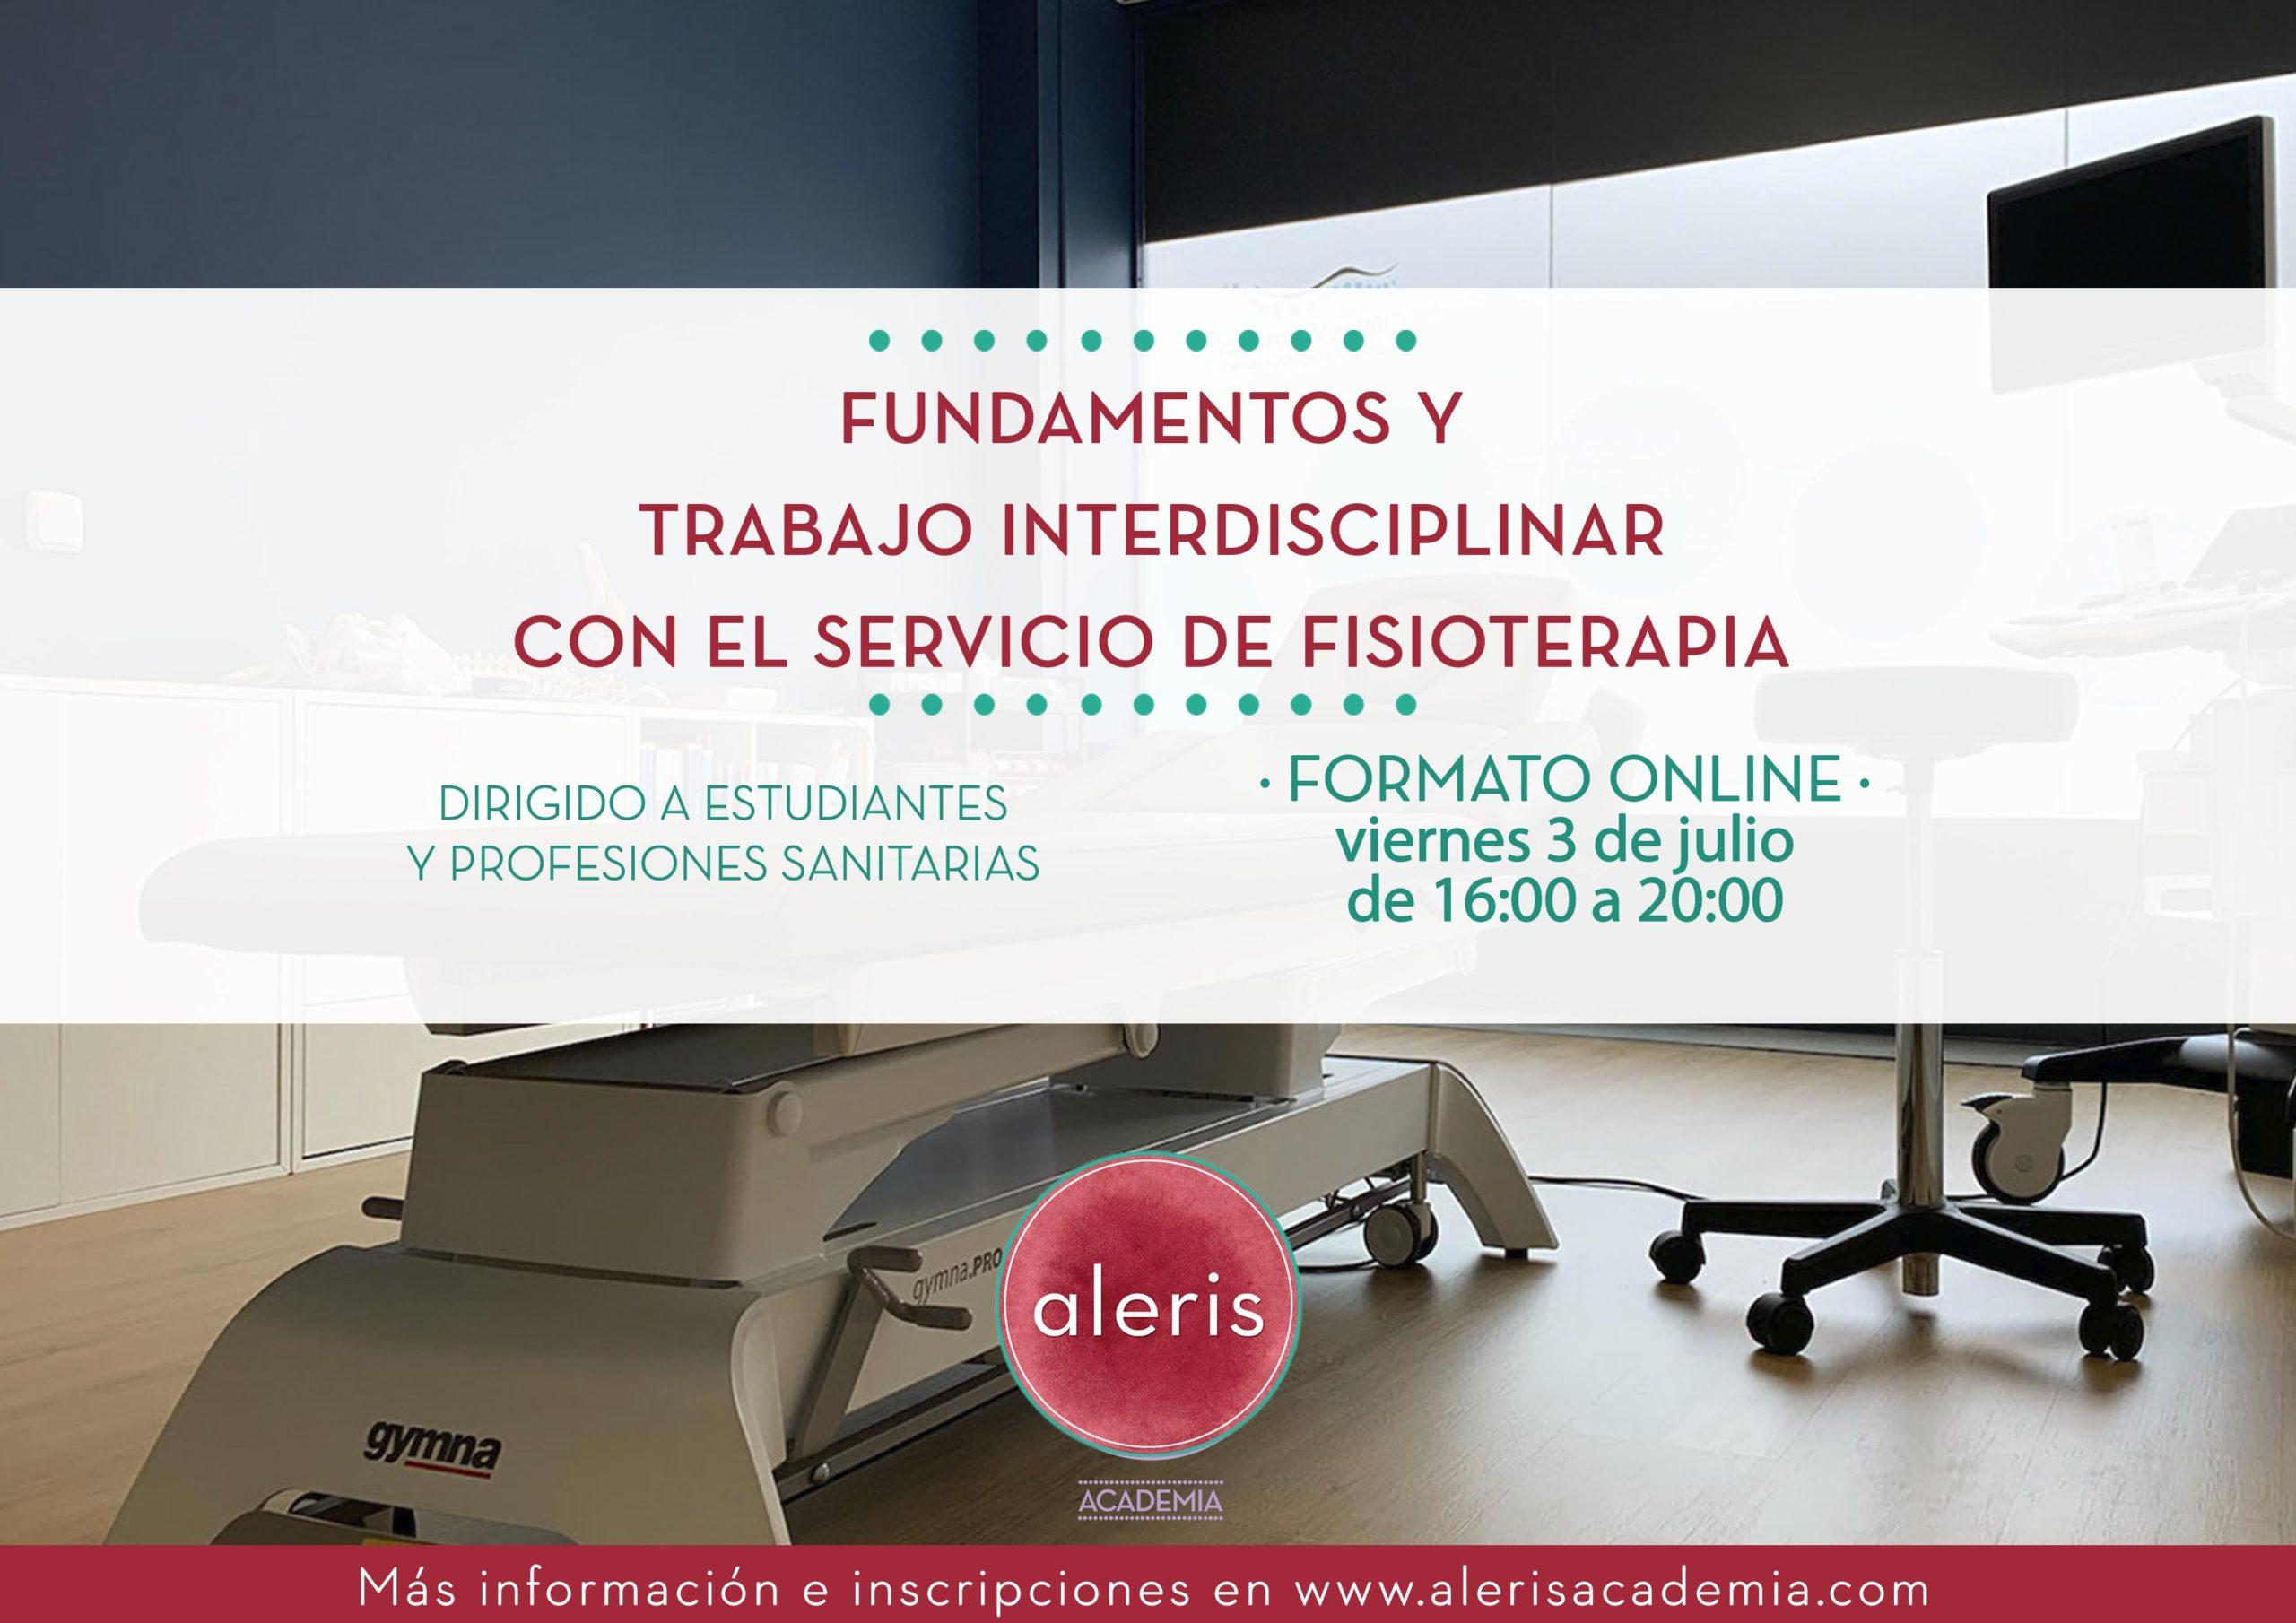 Fundamentos y trabajo interdisciplinar con el servicio de fisioterapia